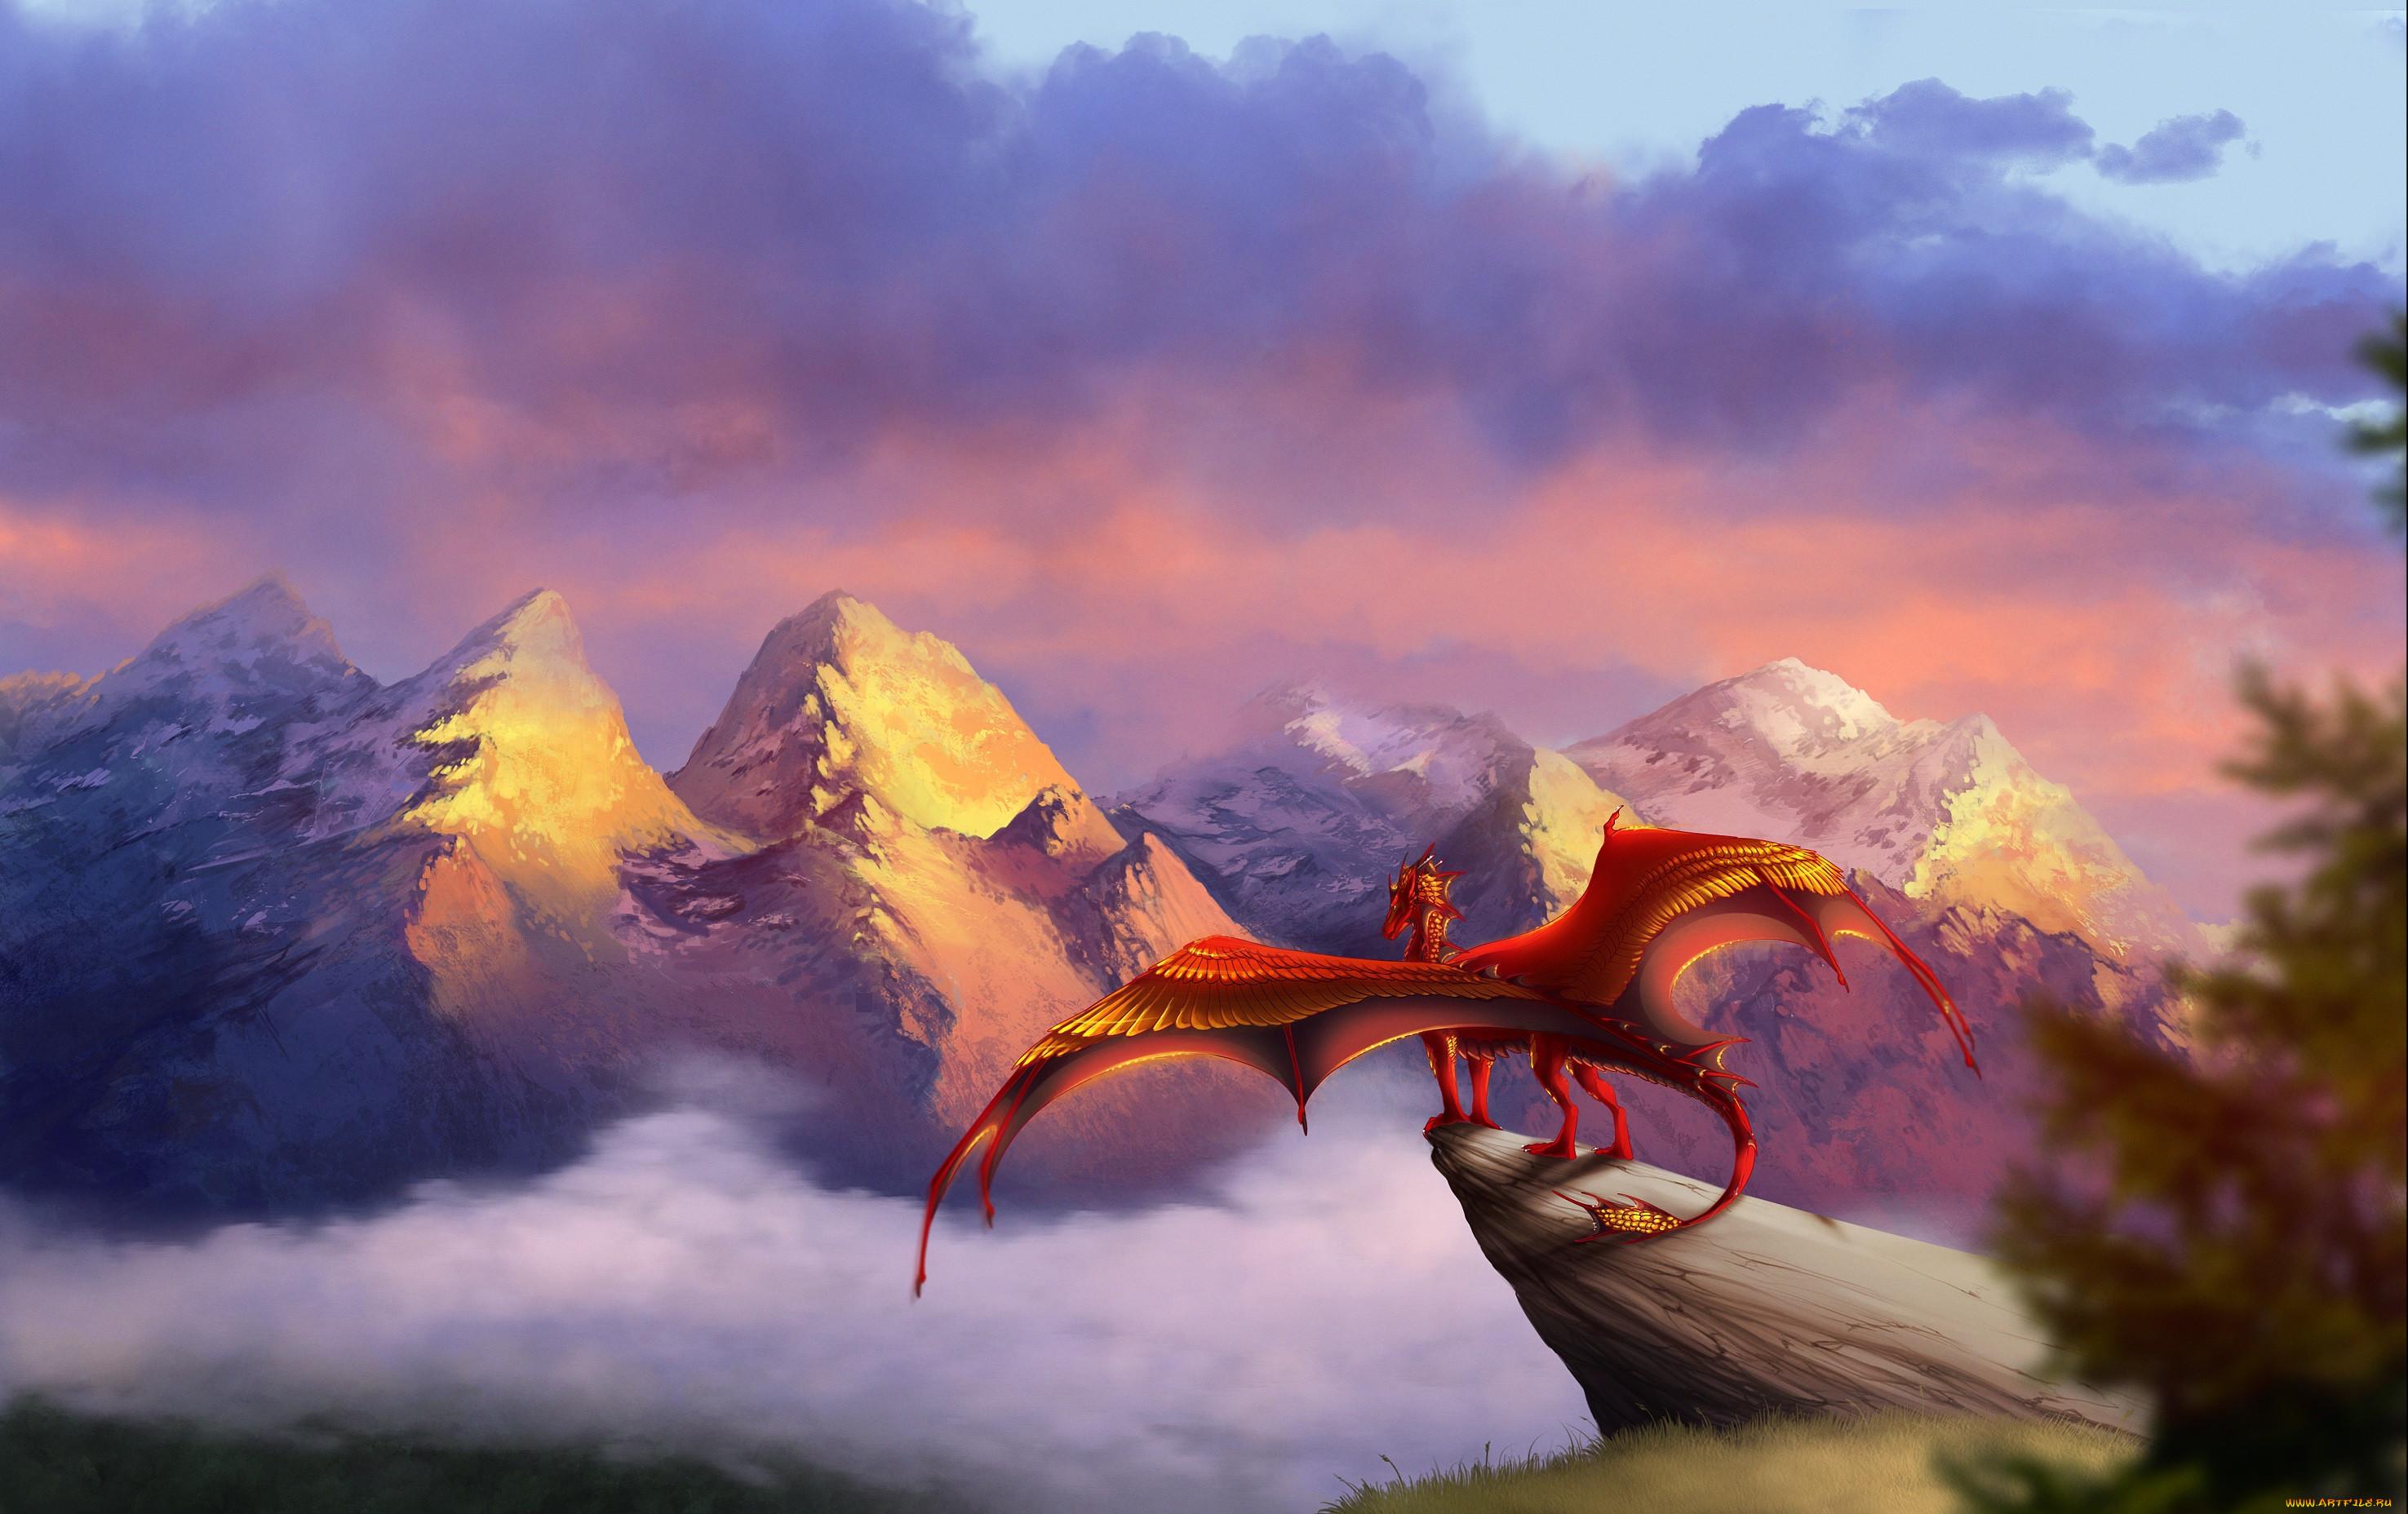 следующем ролике небо драконы картинки на рабочий стол представьте